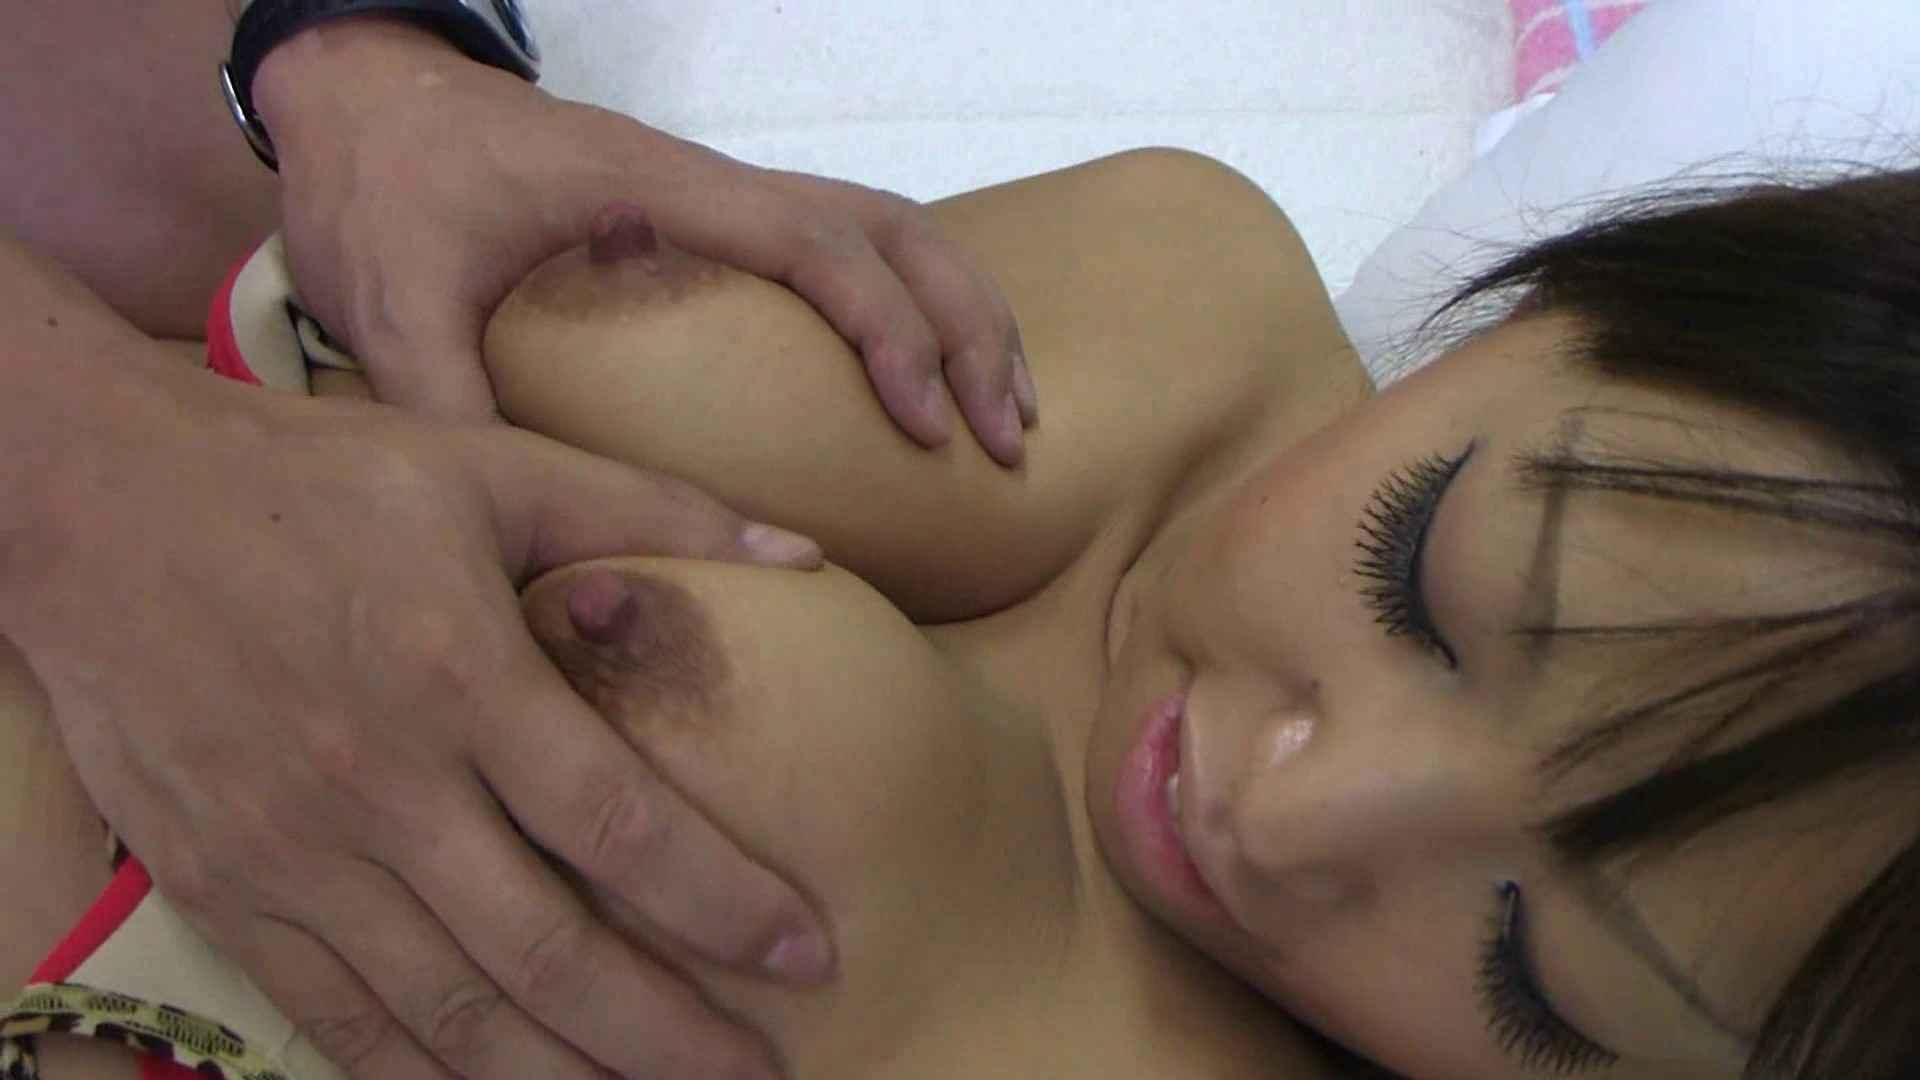 デリへル嬢のみかちゃん23歳vol.3 エッチなOL セックス画像 66pic 14